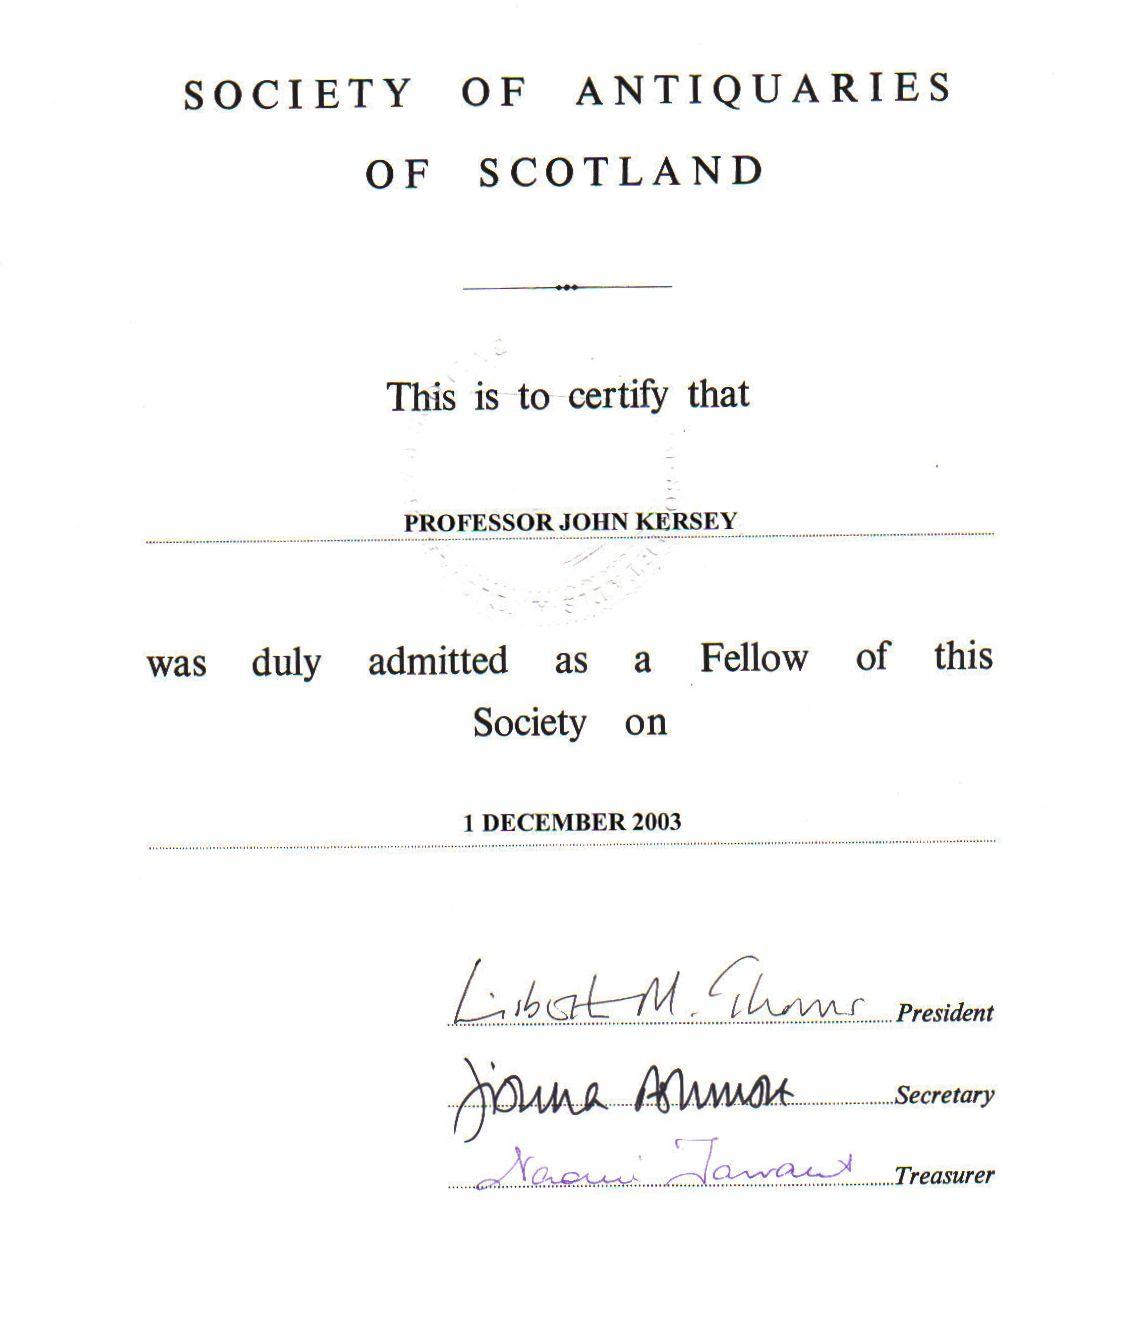 FSA Scot